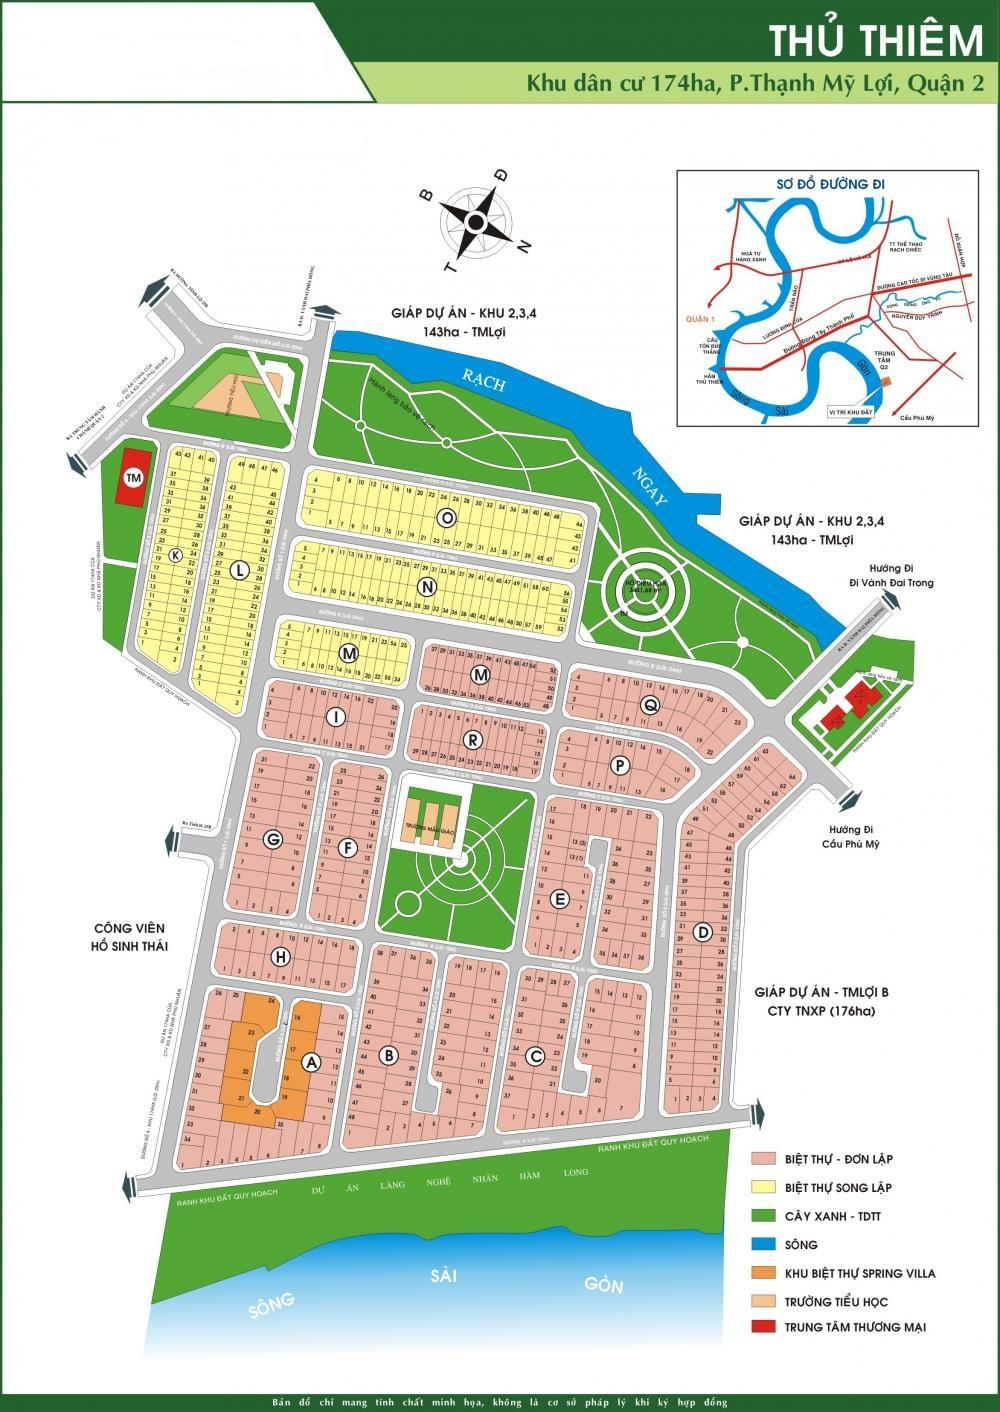 Bản đồ dự án Thủ Thiêm Villa, Thạnh Mỹ Lợi, Quận 2